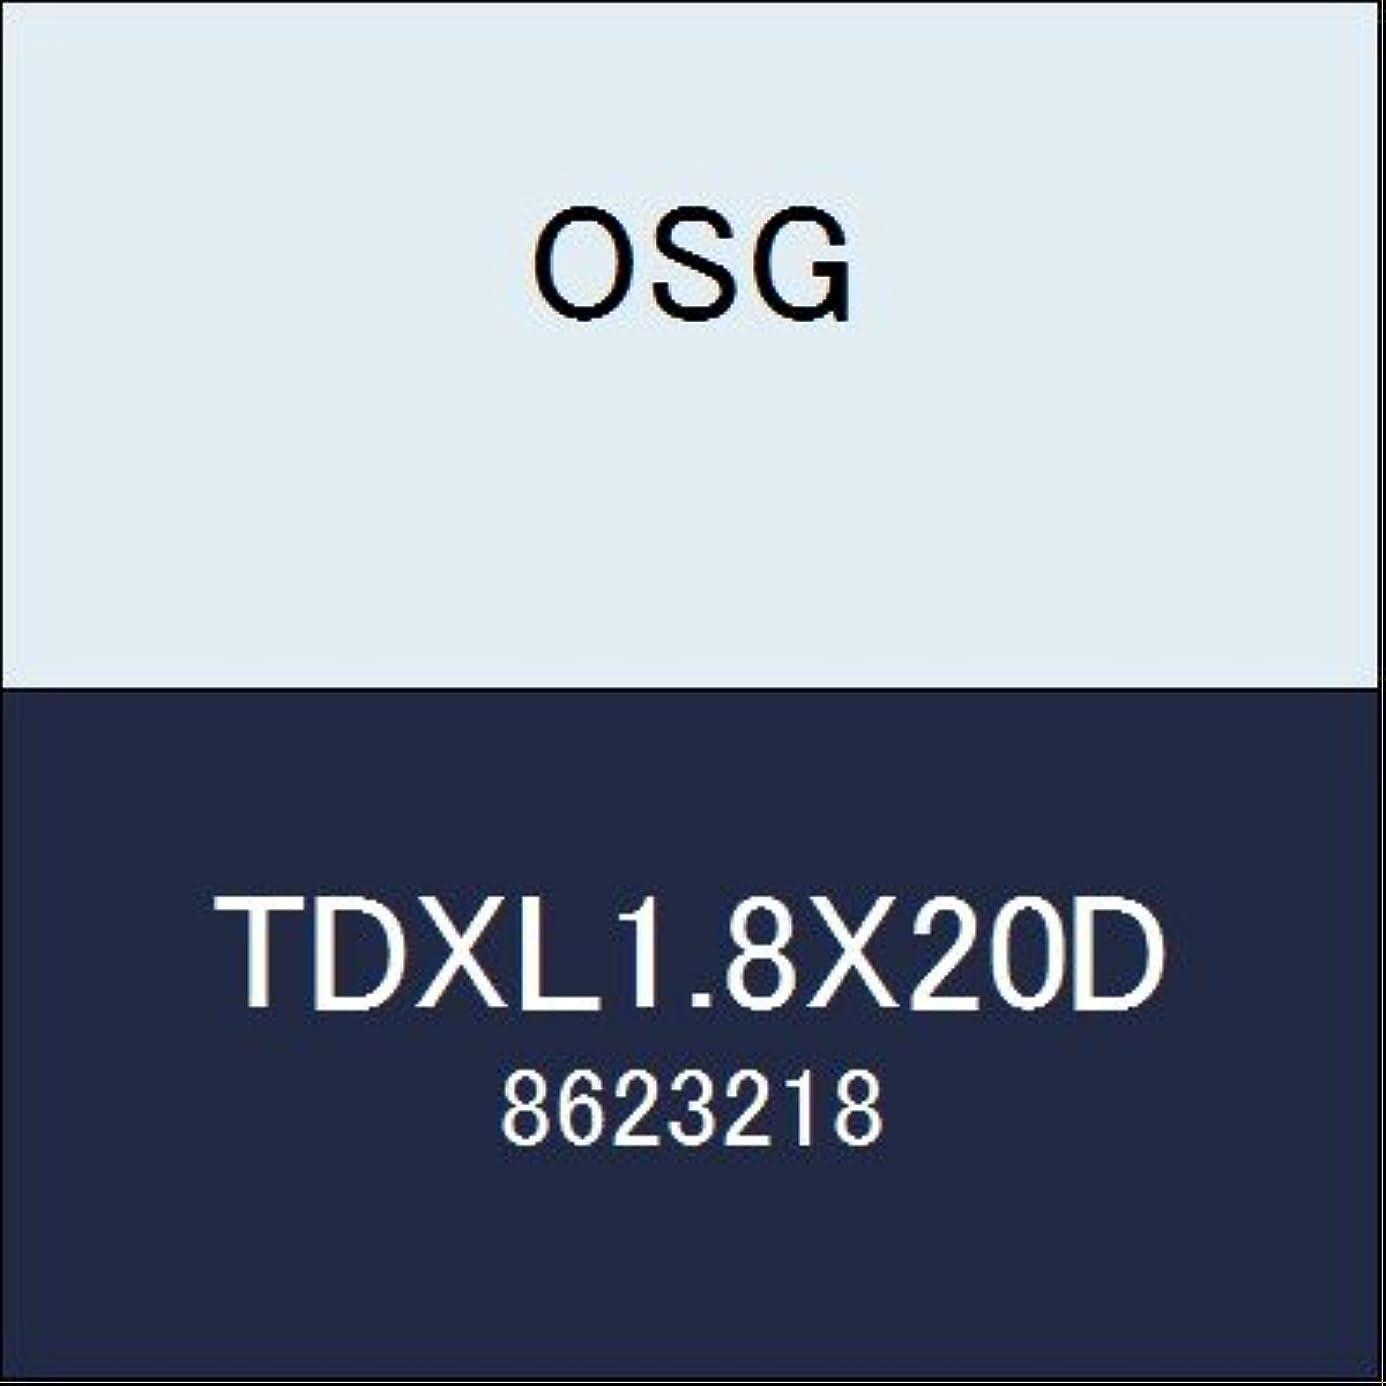 ポップブラウスアレイOSG スラスタードリル TDXL1.8X20D 商品番号 8623218